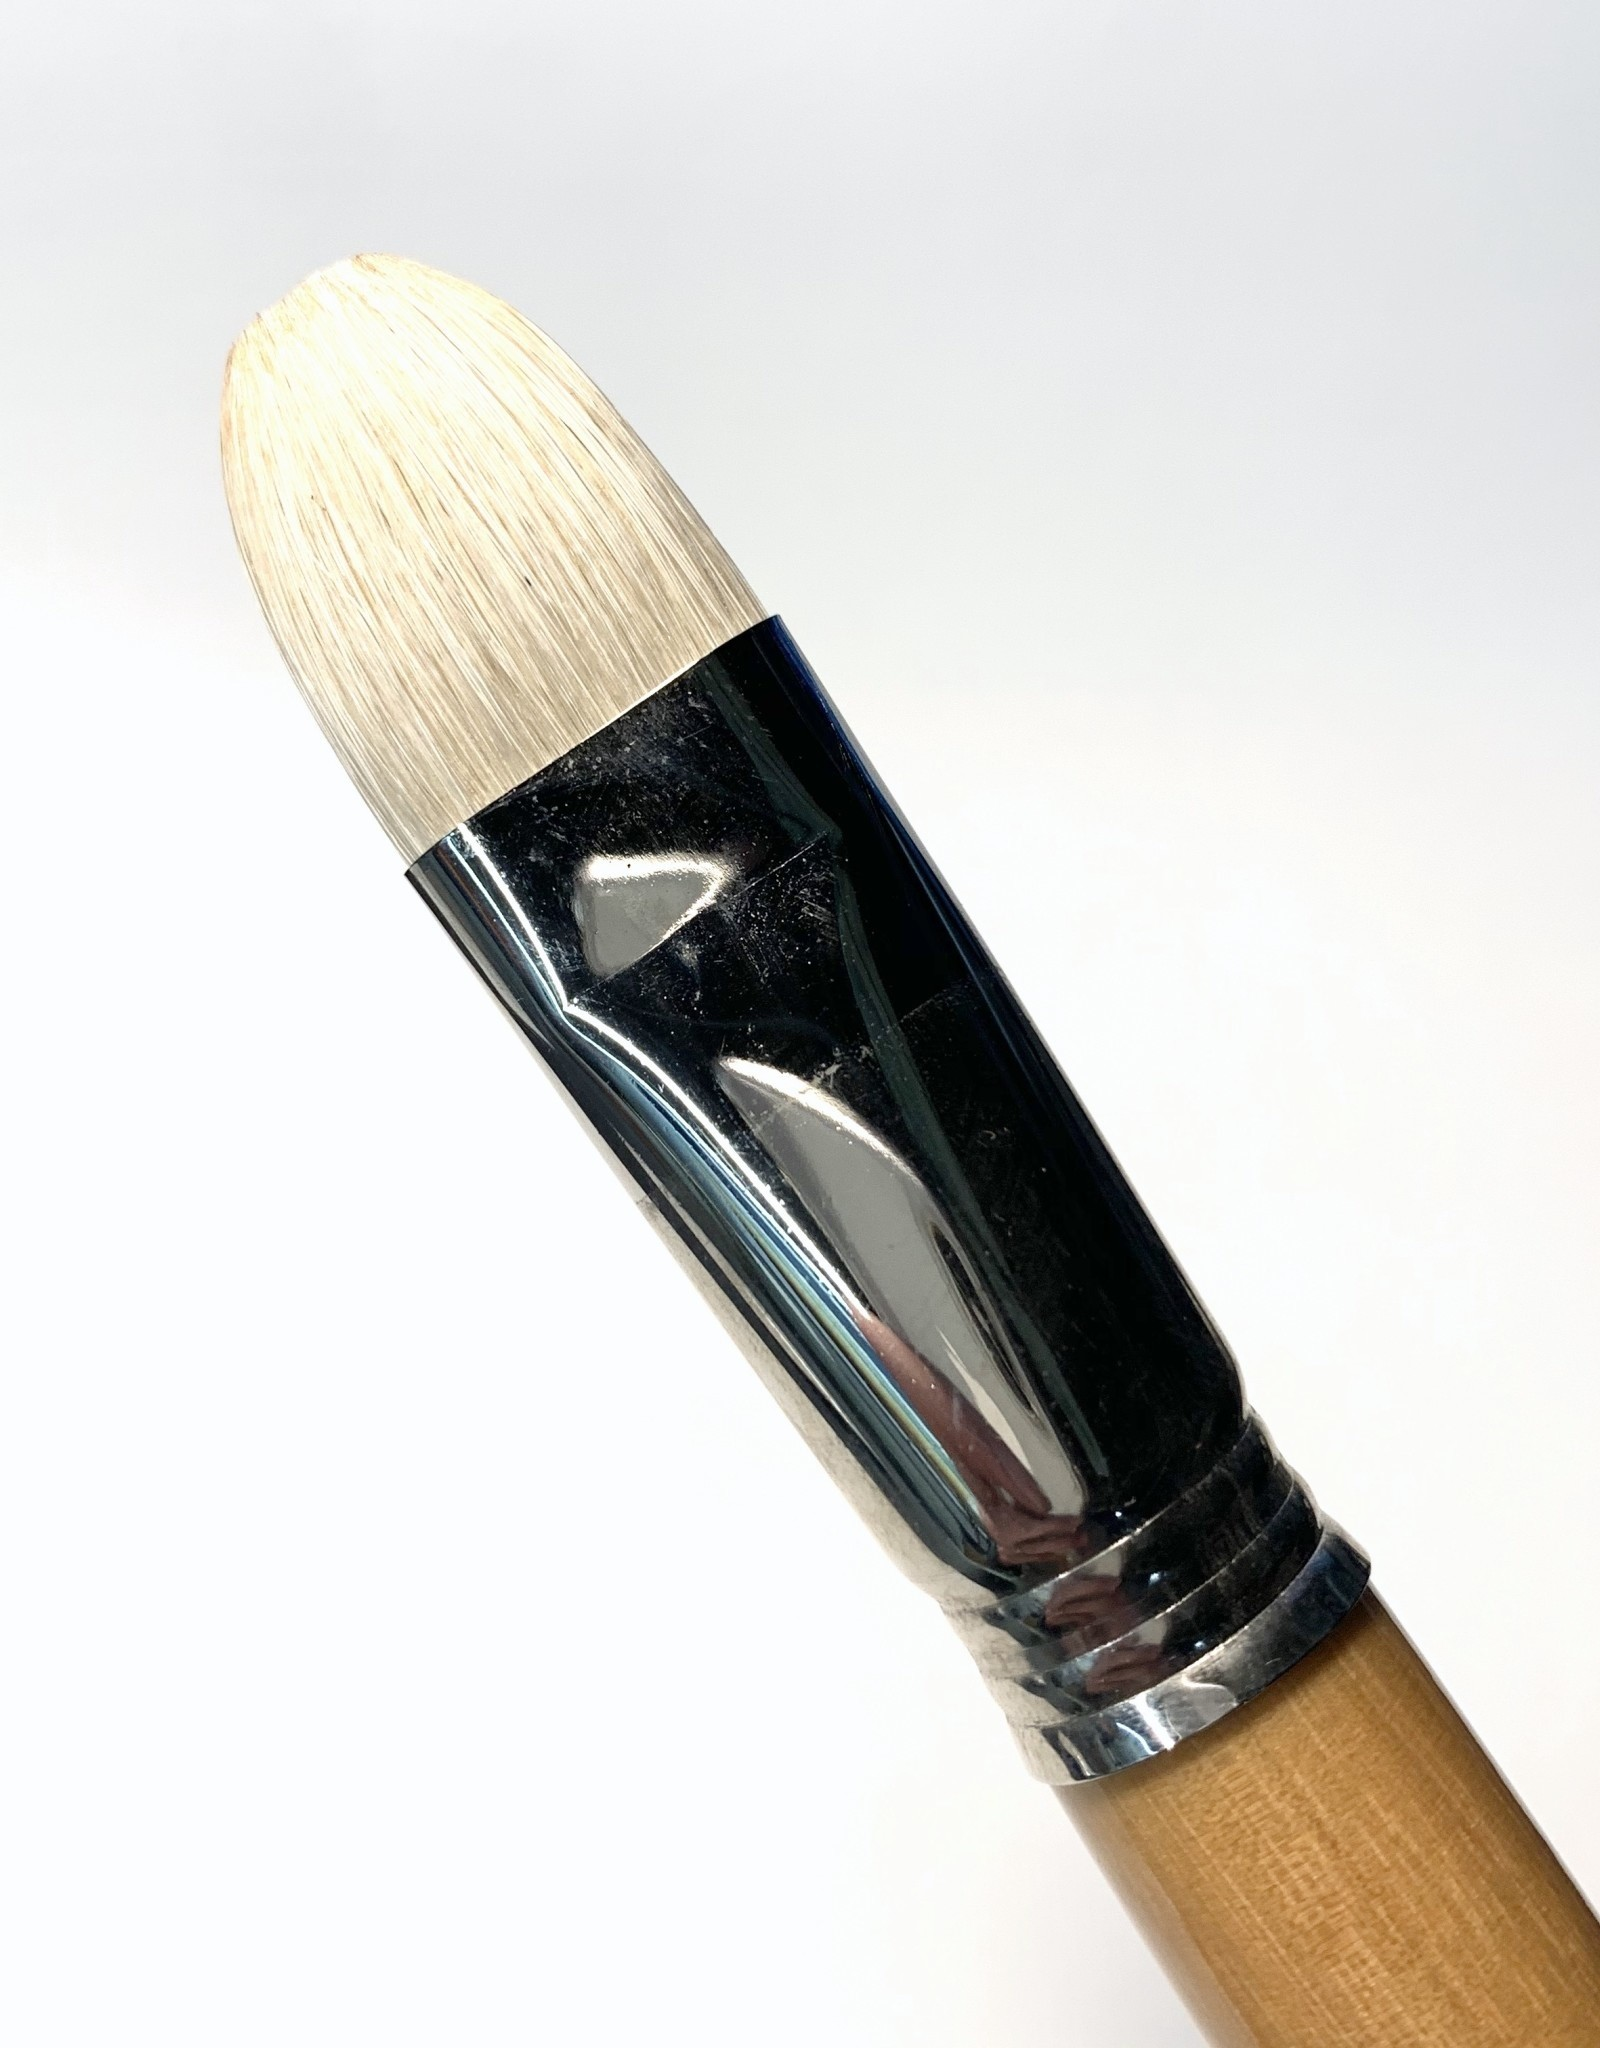 Escoda Bright 4628 #22, Bristle for Oil & Acrylic